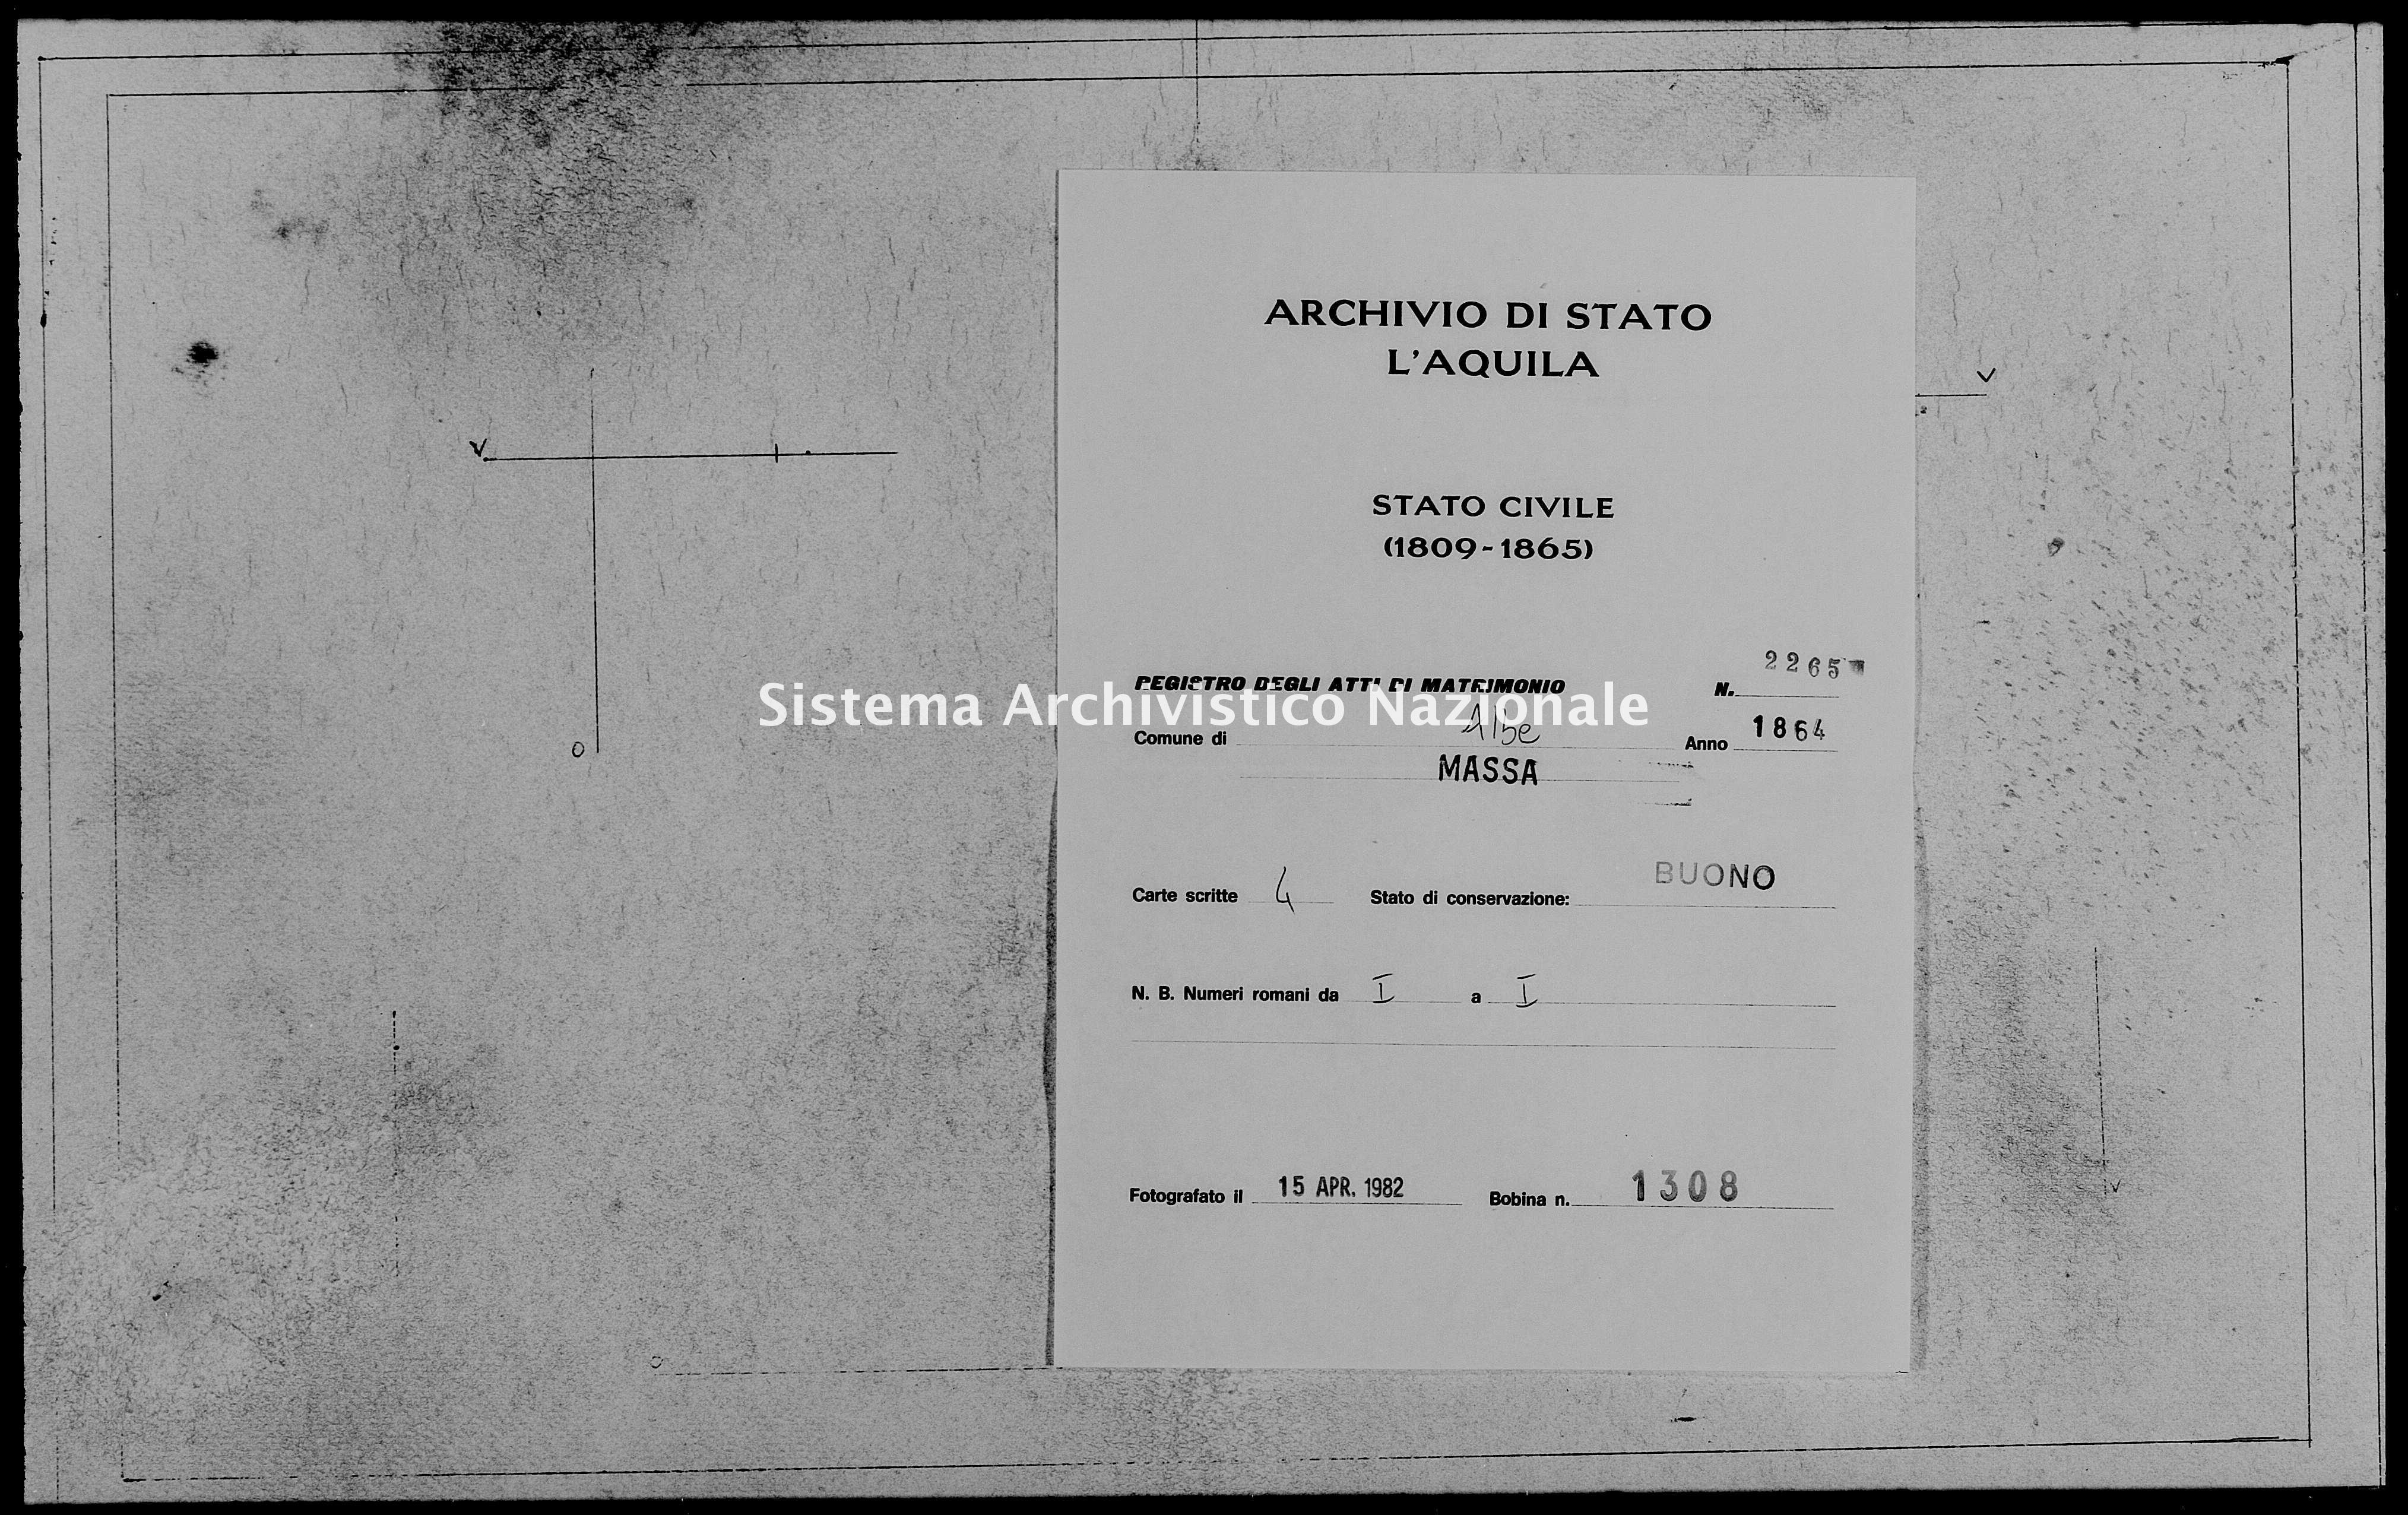 Archivio di stato di L'aquila - Stato civile italiano - Albe - Matrimoni - 1864 - 2265 -